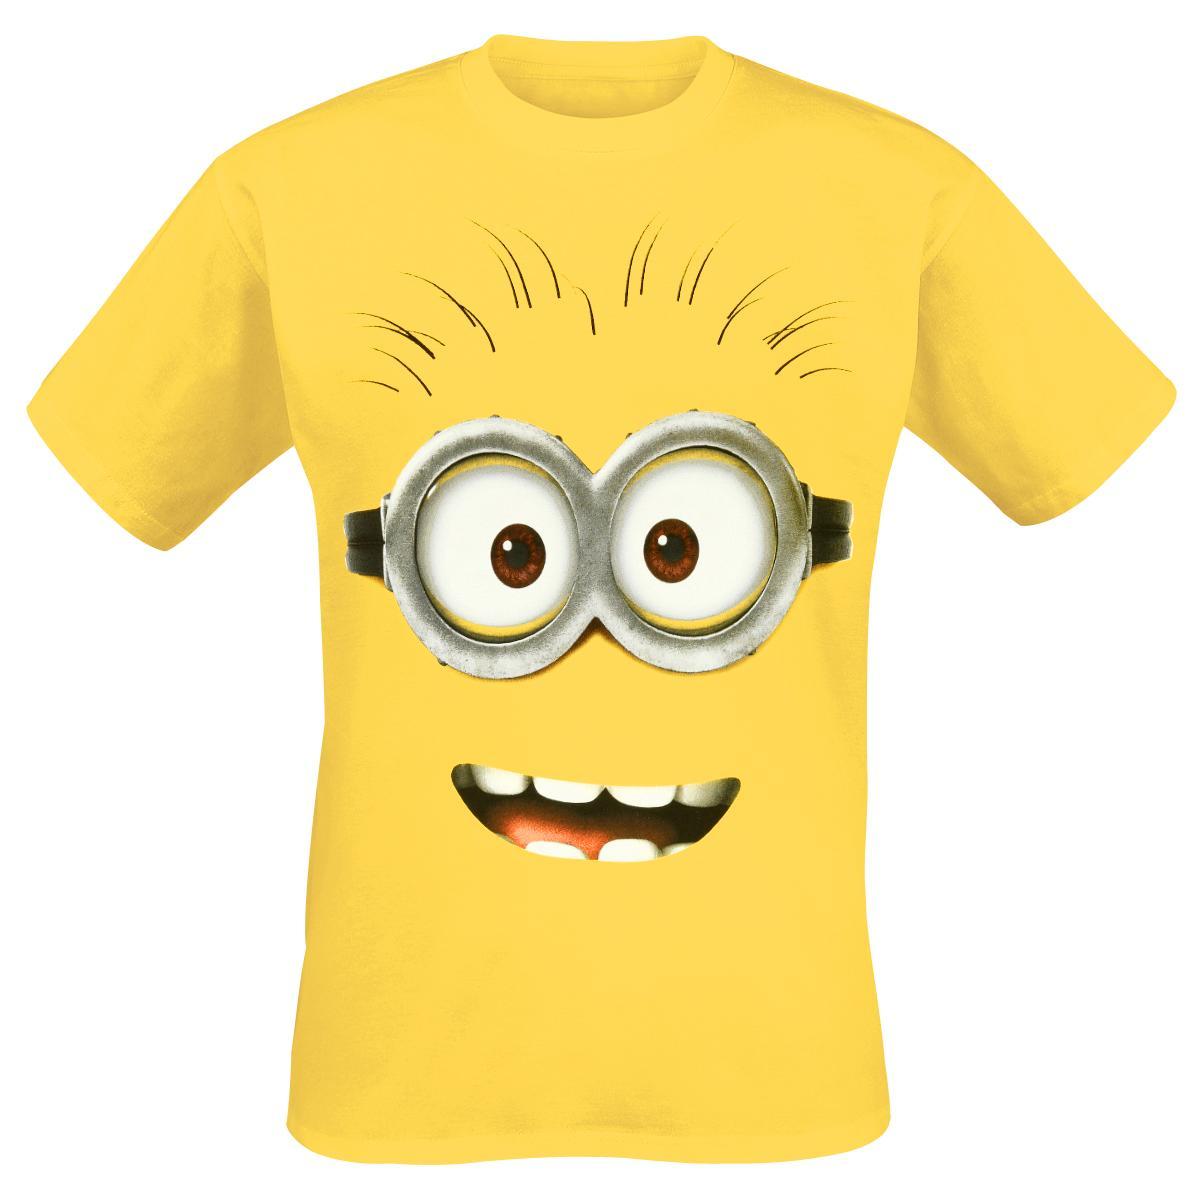 Goggle Face T-shirt Design tee